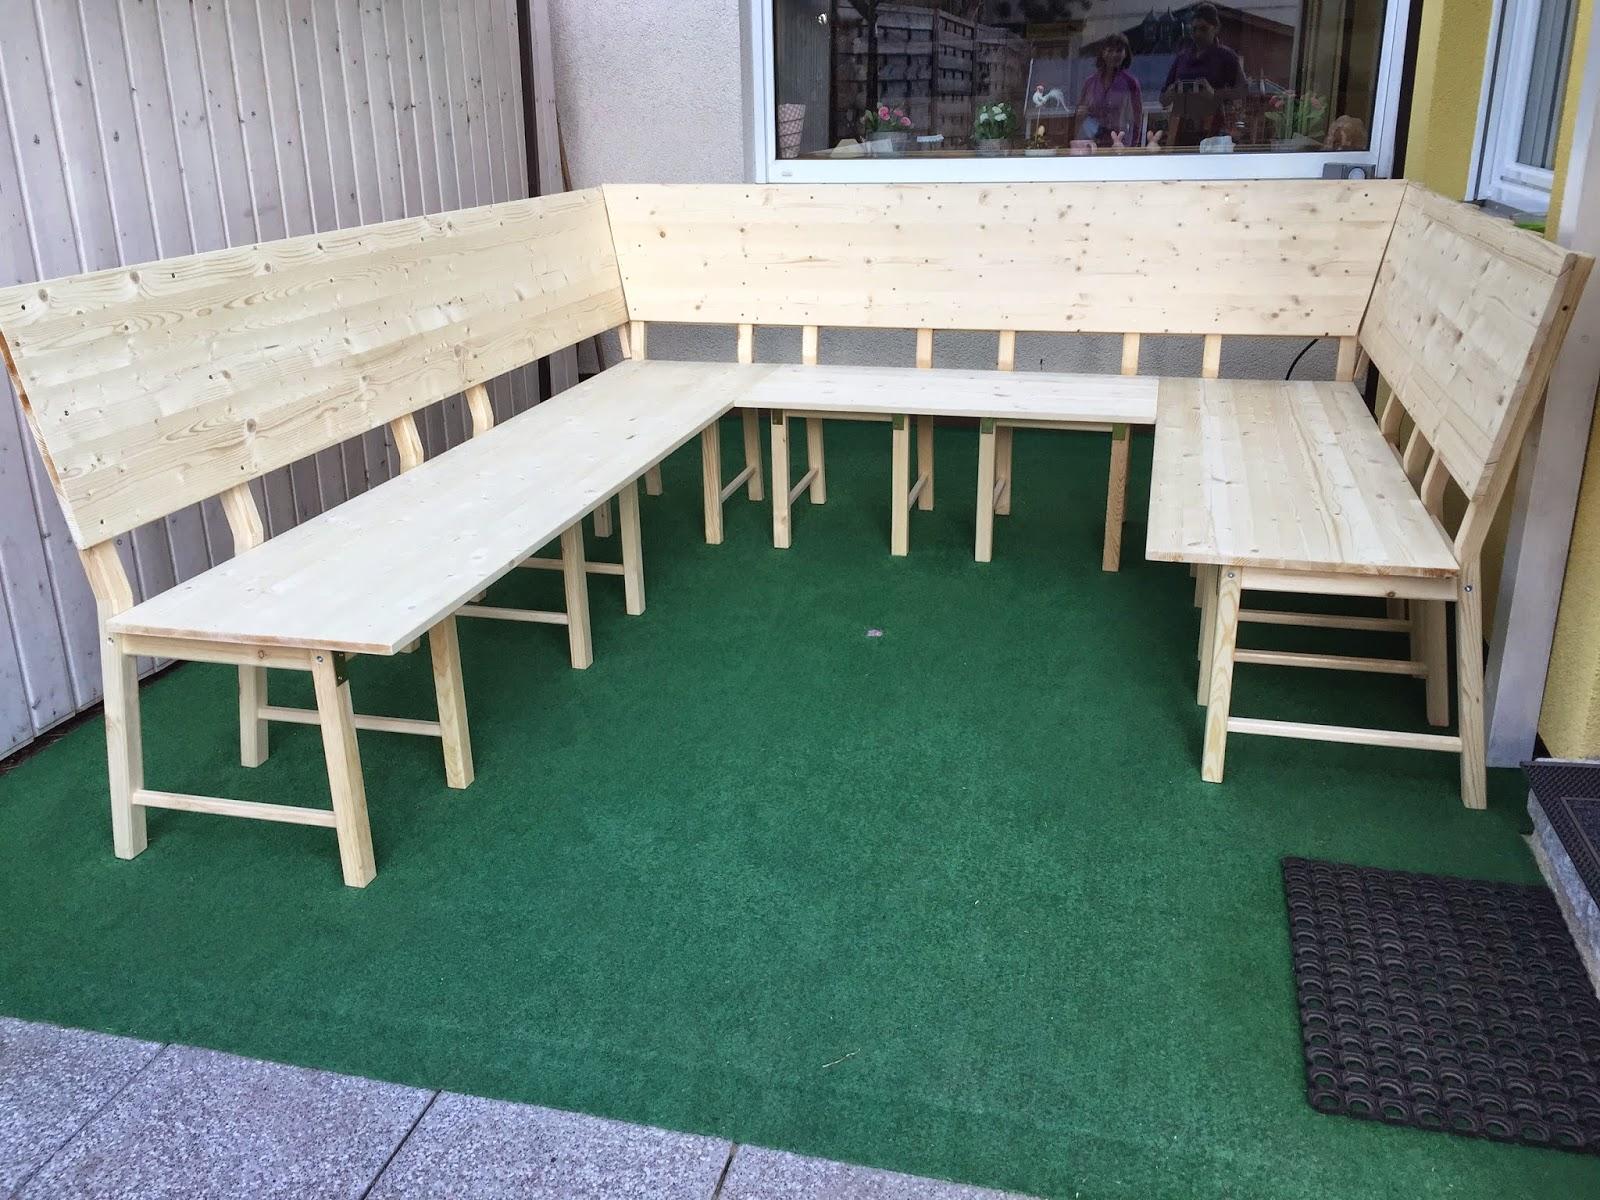 Eckbank Aus Holz Selber Bauen ~  DIY Ikea Hack  aus 8 Stühlen wird eine große Eckbank bzw Lounge